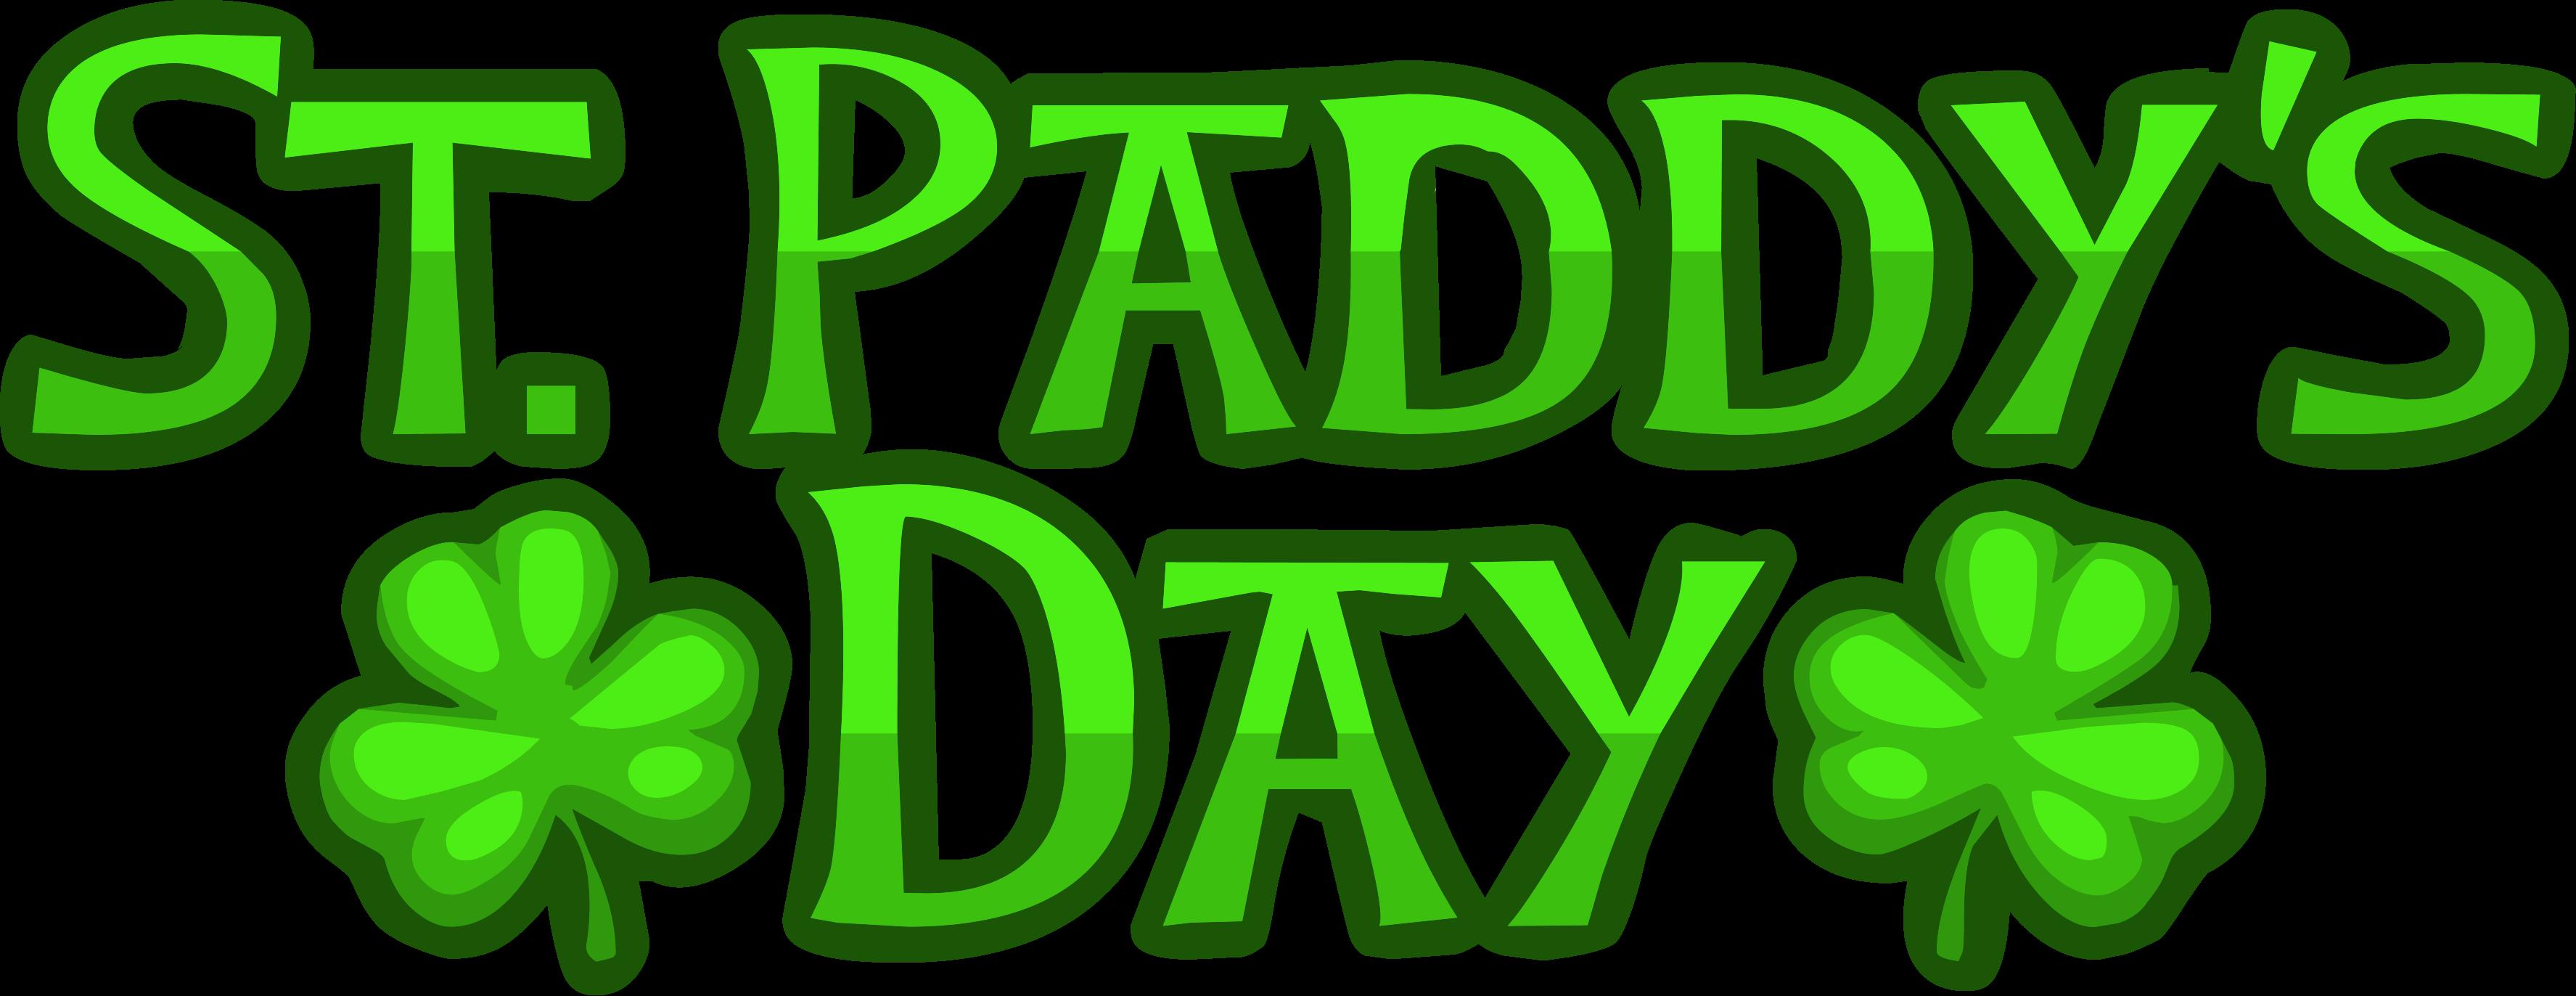 File:Stpaddy logo.png